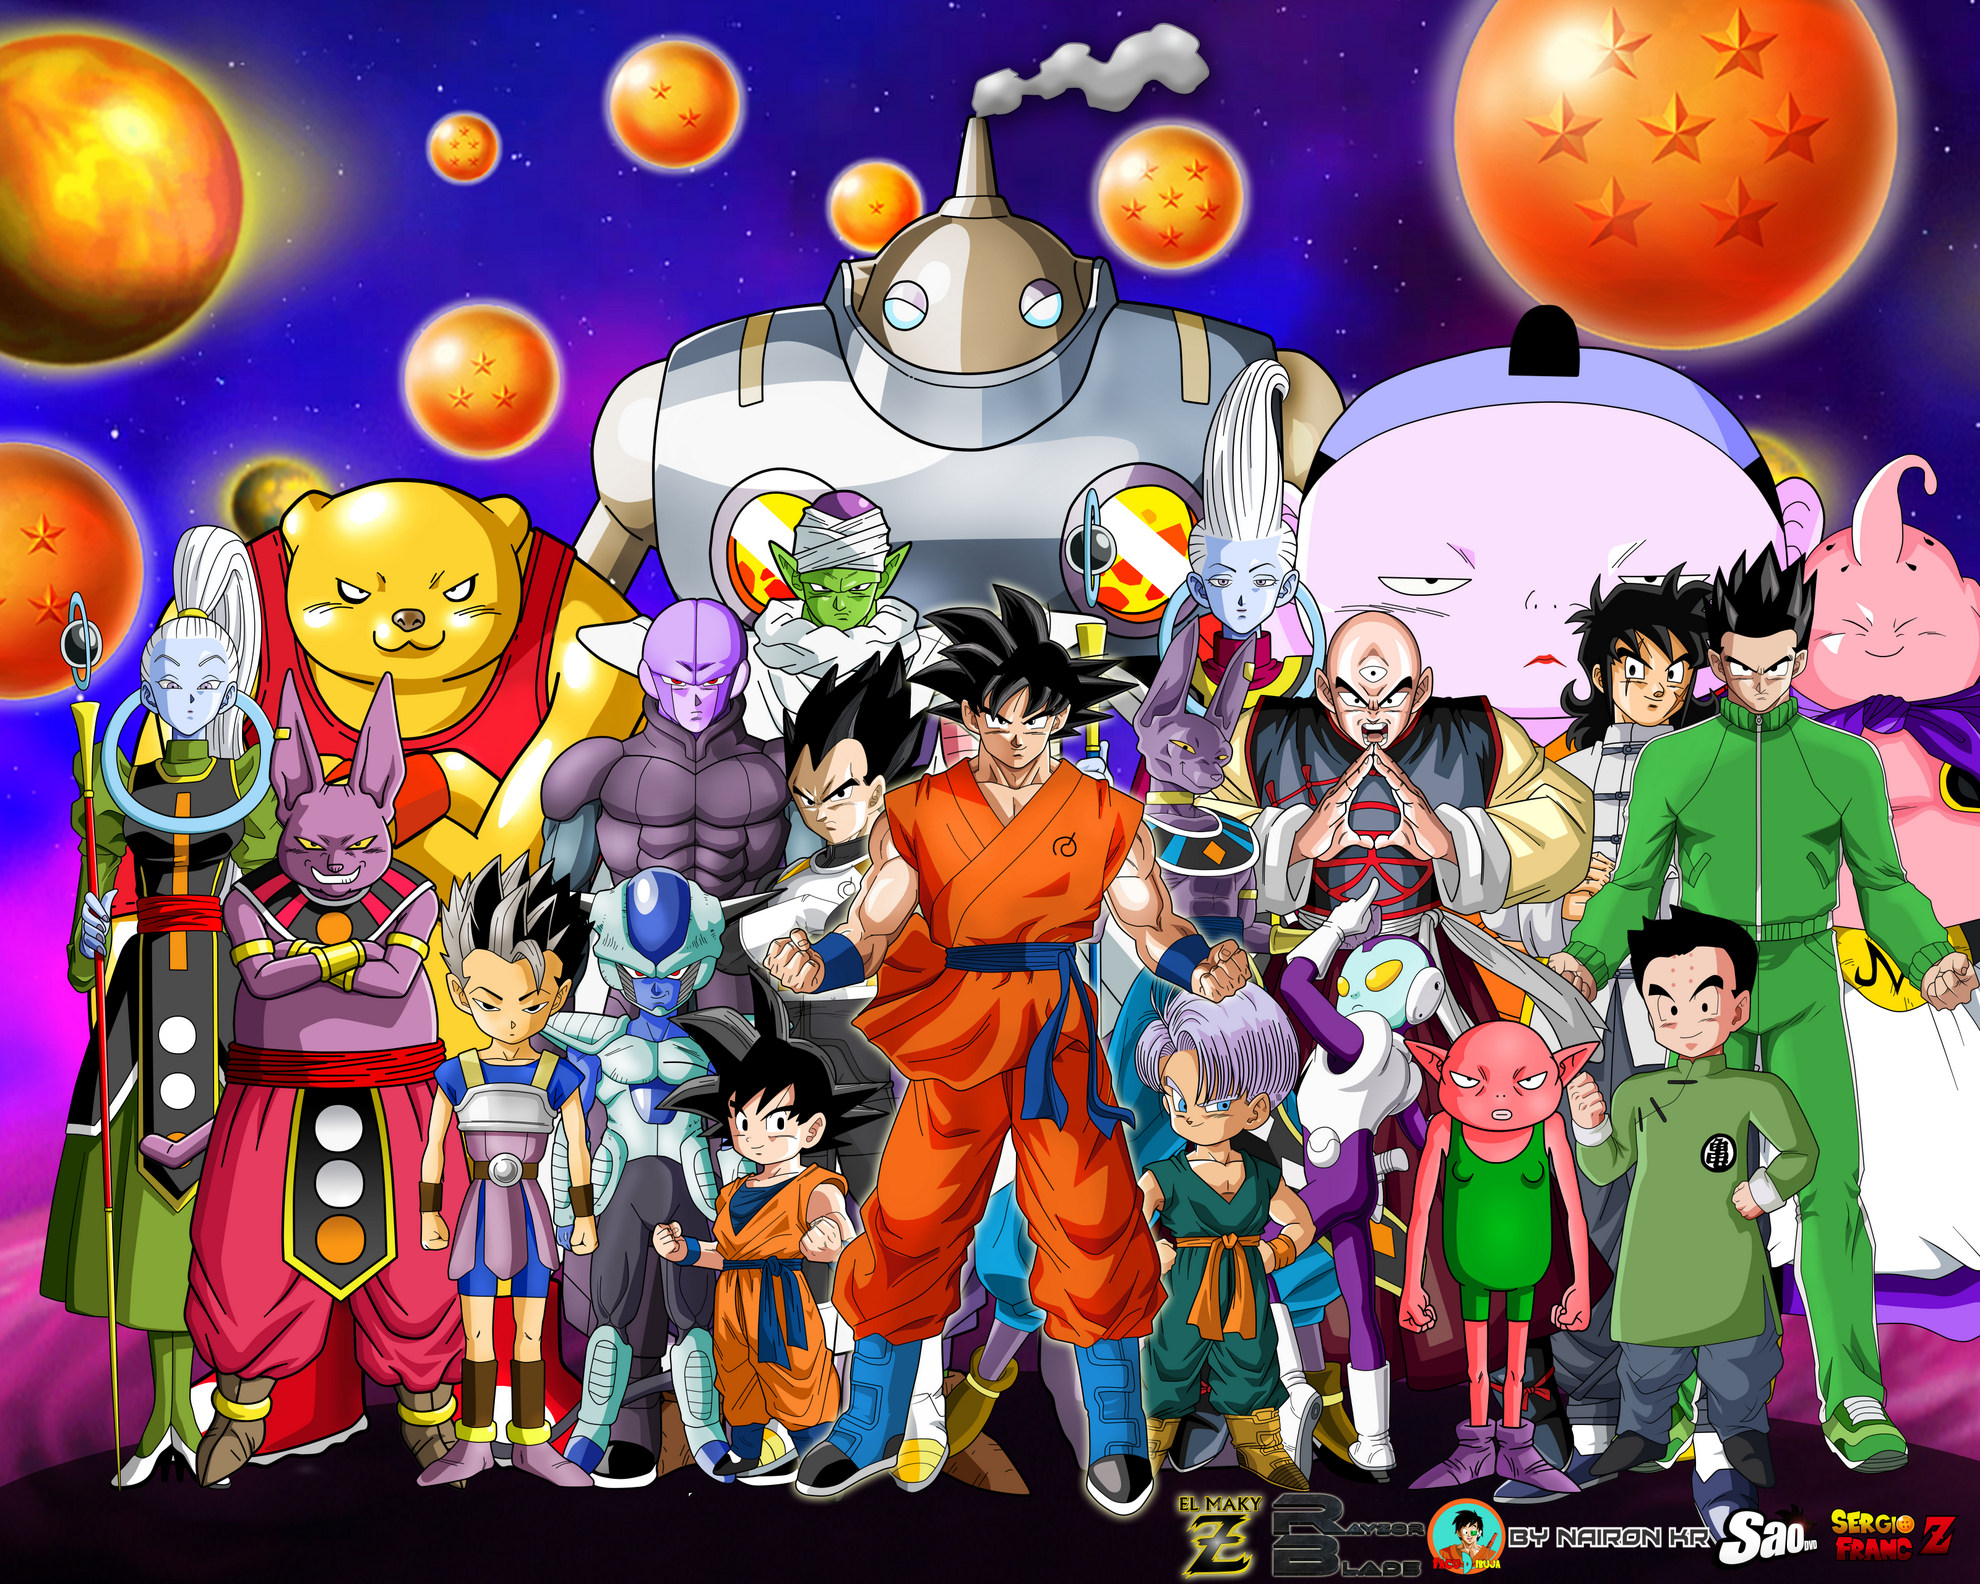 Descargar Imagenes Para Facebook Gratis: Snap Imagenes De Goku En Navidad Para Facebook Descargar